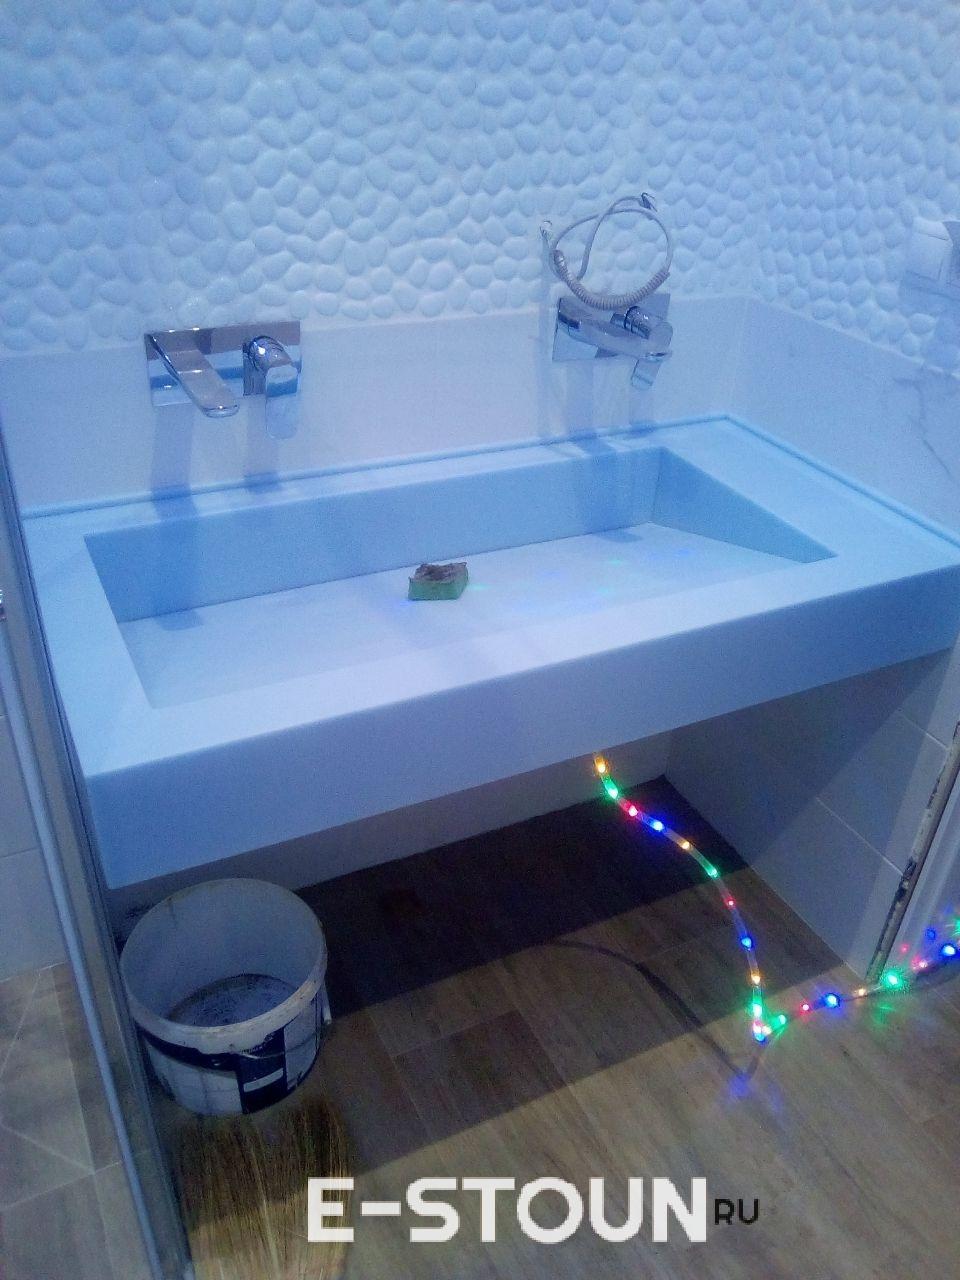 """Фотография столешницы из камня LG Himacs S303 Blue Saphire: интегрированная раковина с сливом """"под наклоном"""", вода утекает в щель у задней стенки"""